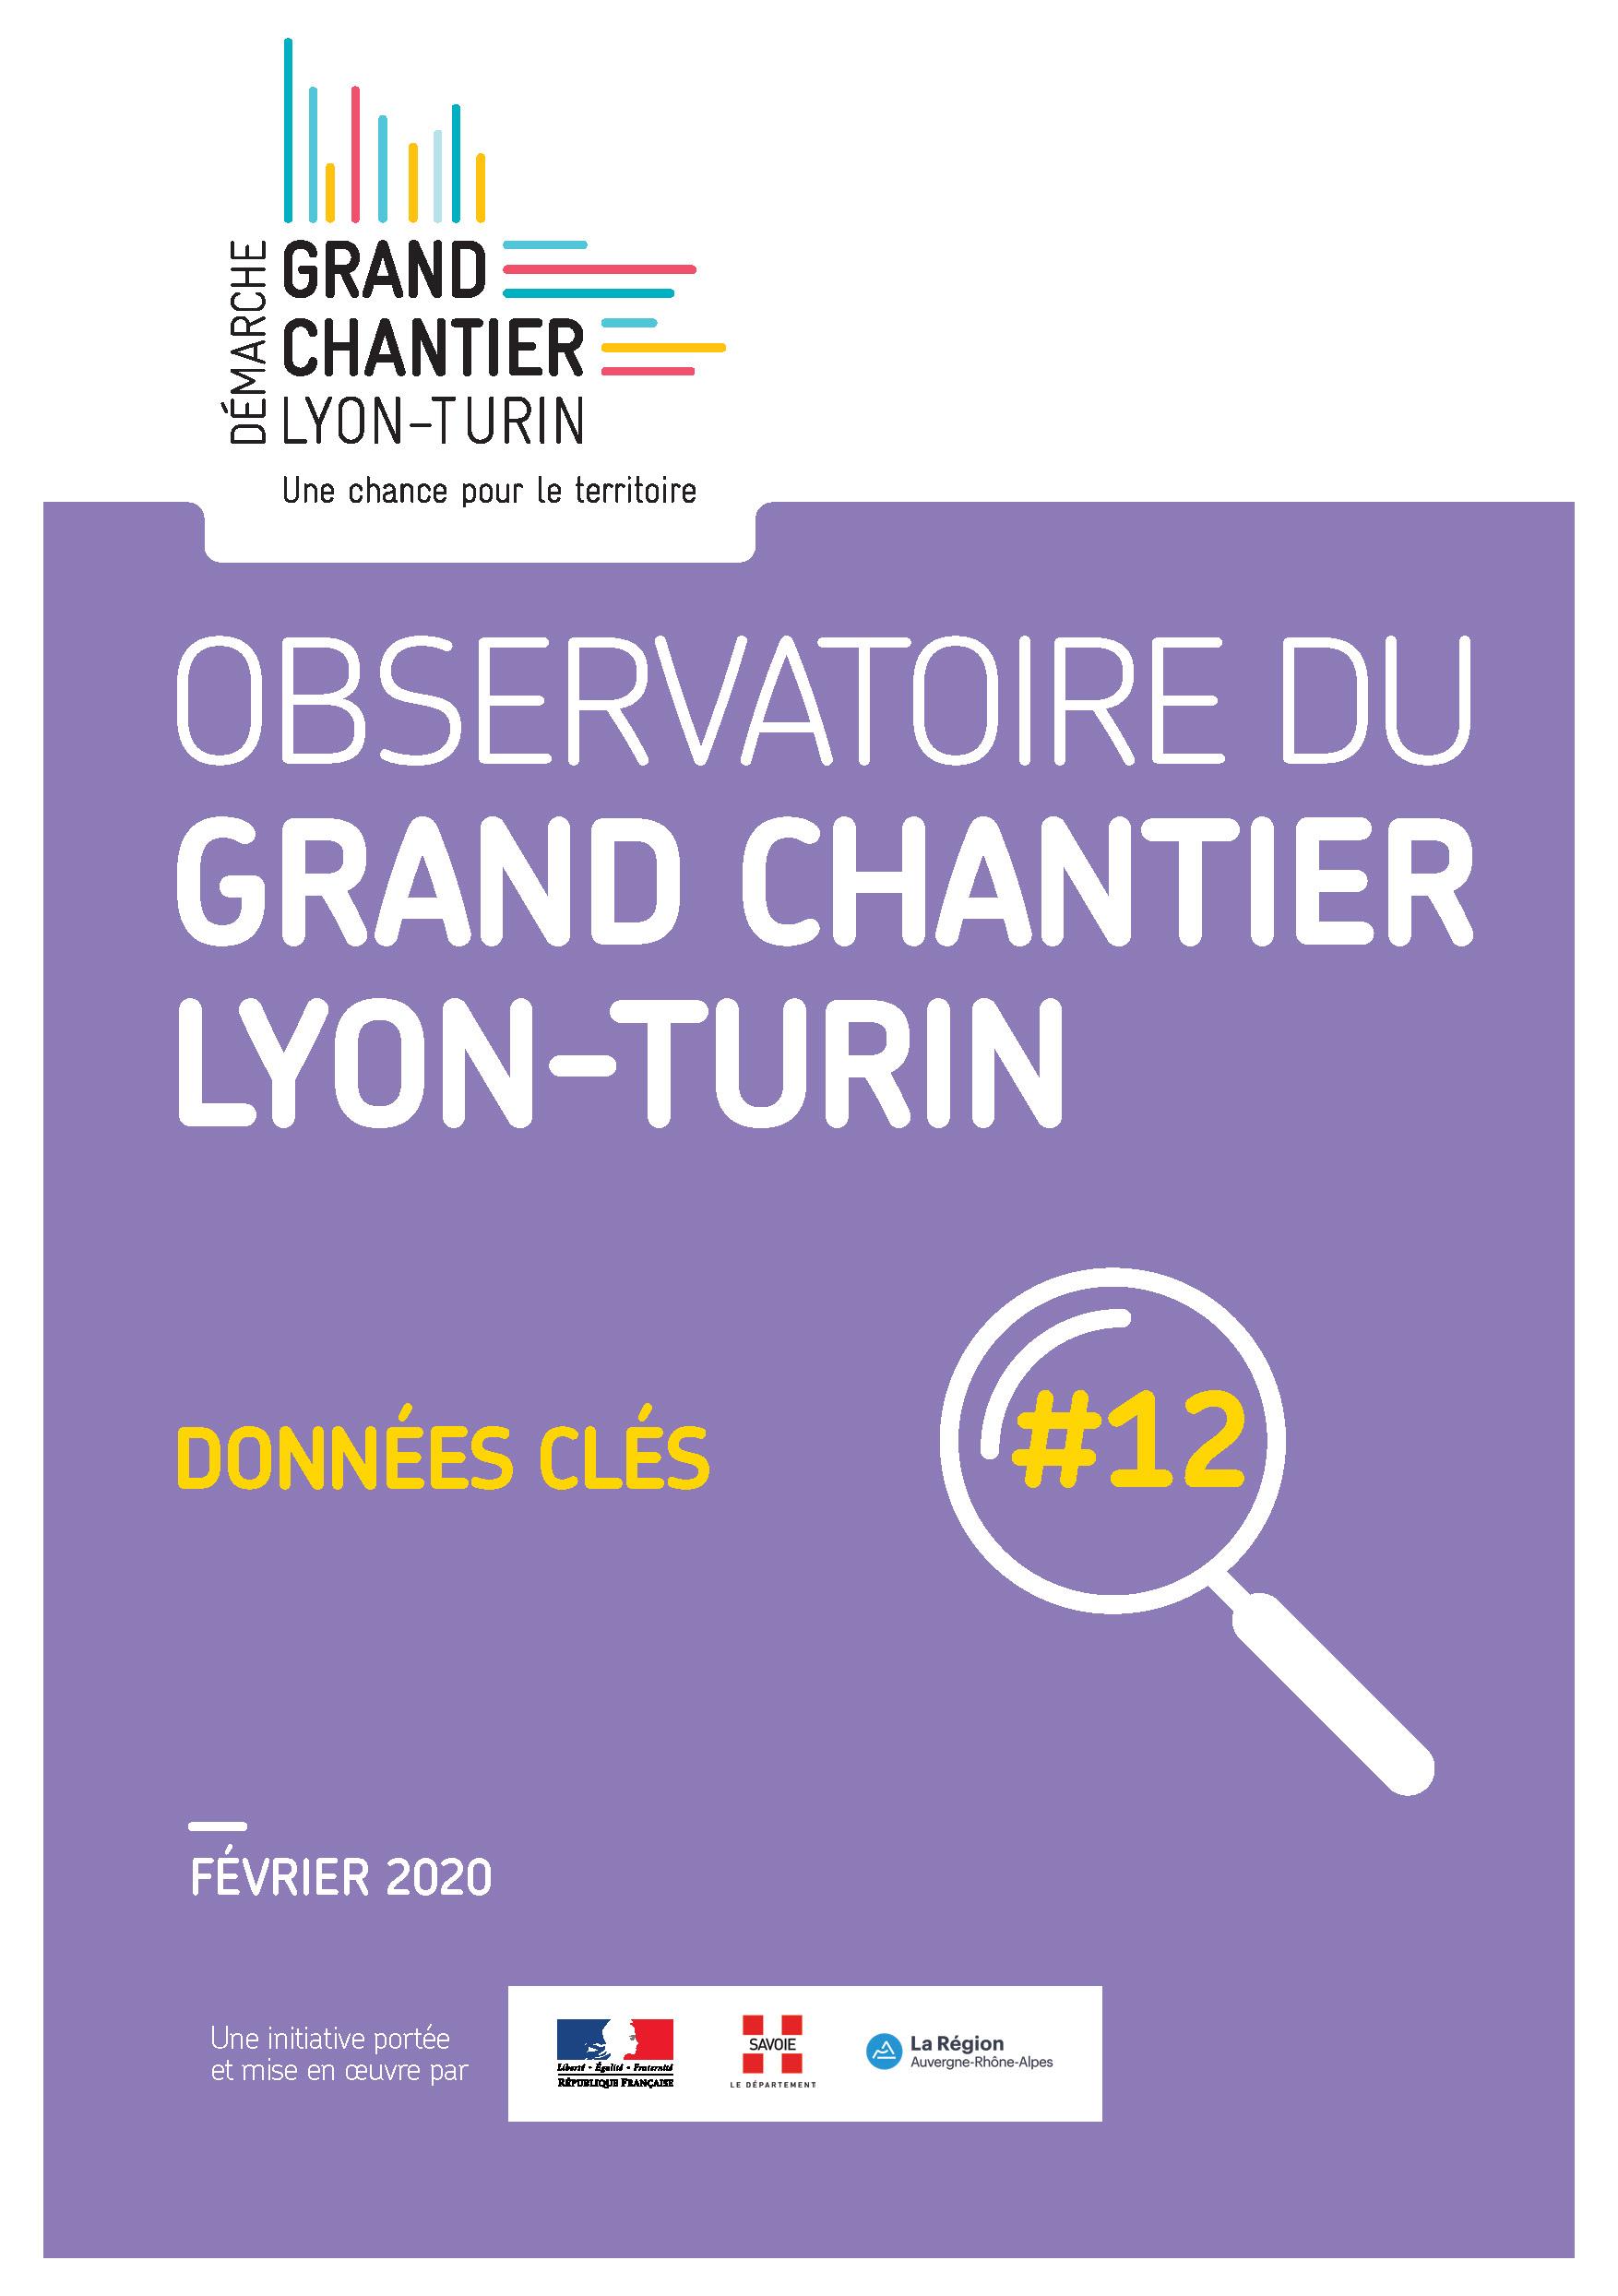 Pages de OBS DGC Lyon-Turin - données clés n°12 - 02 2020